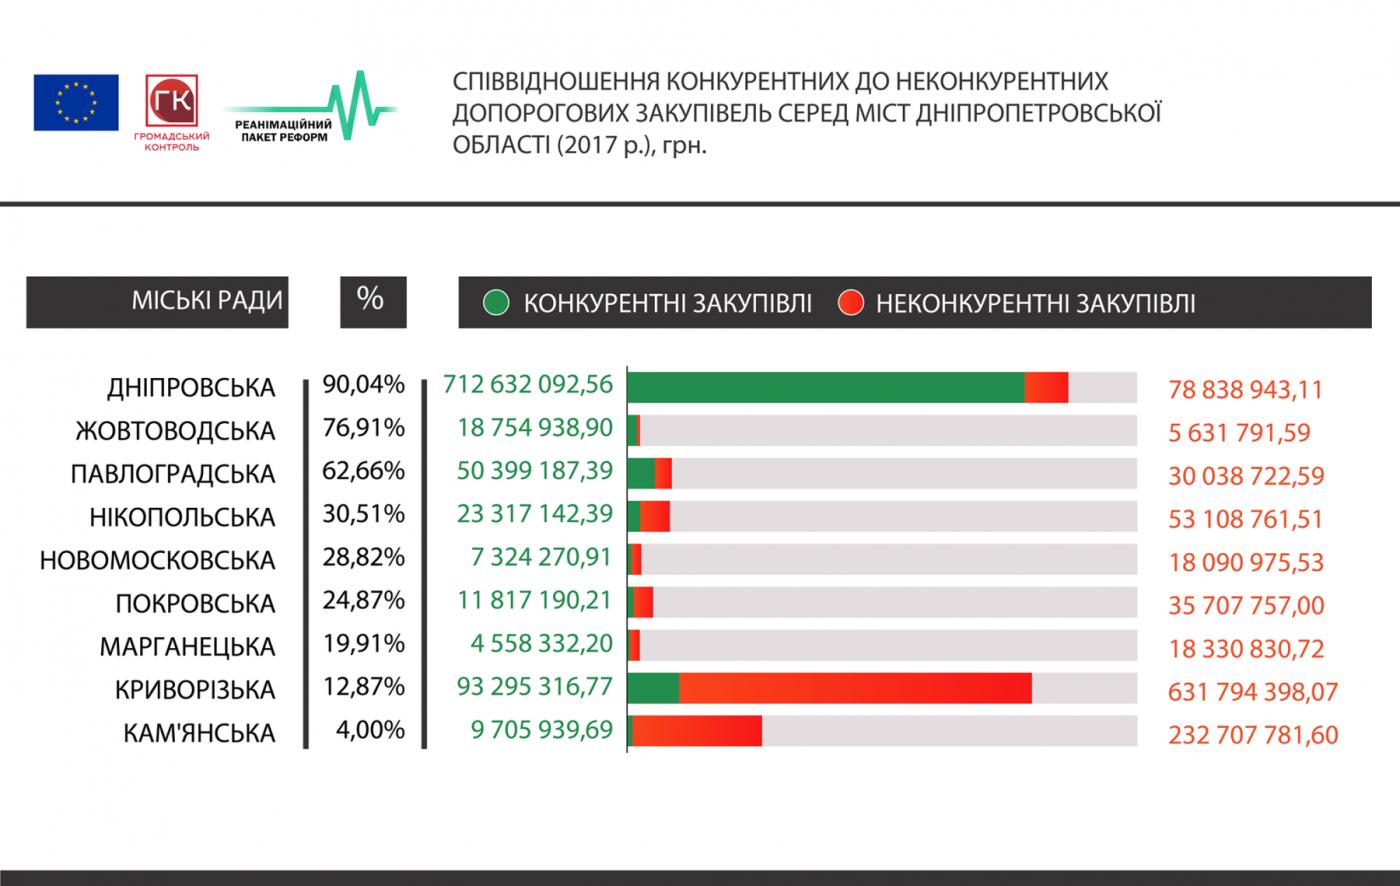 Как стимулировать города Днепропетровской области экономить на закупках , фото-1